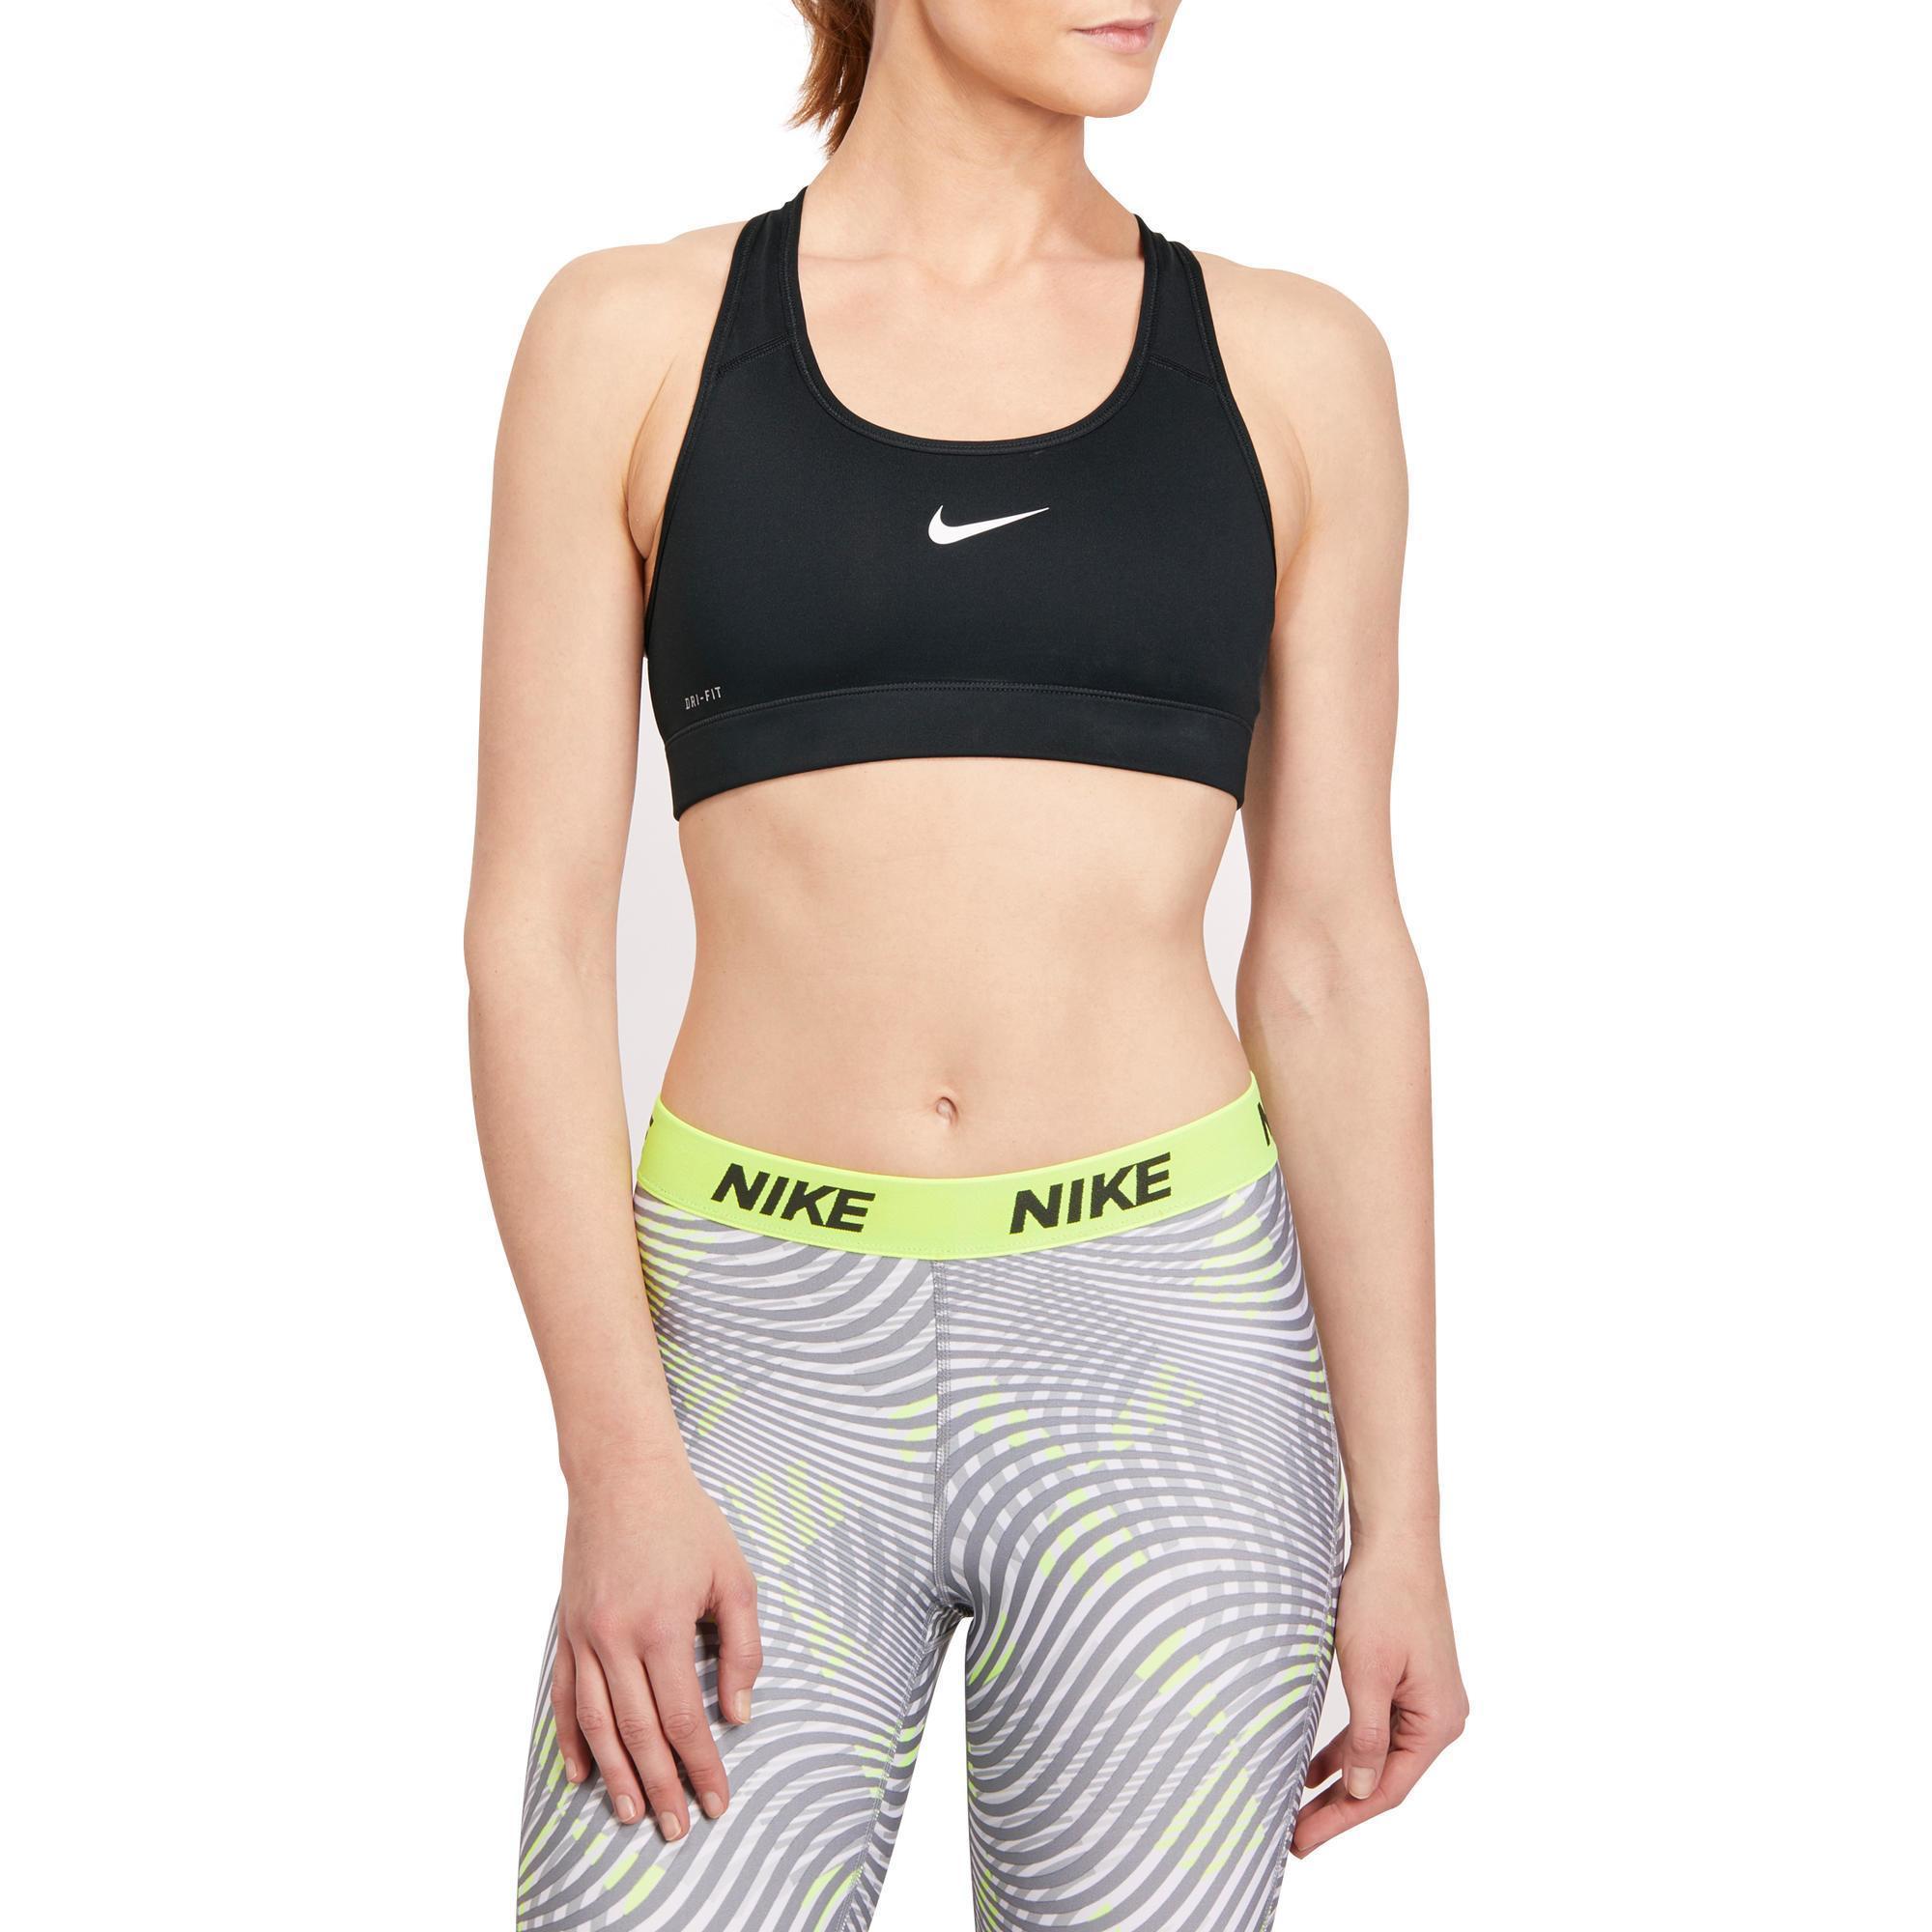 19fee00fb Top Sujetador Deportivo Cardio Fitness Nike mujer negro Nike